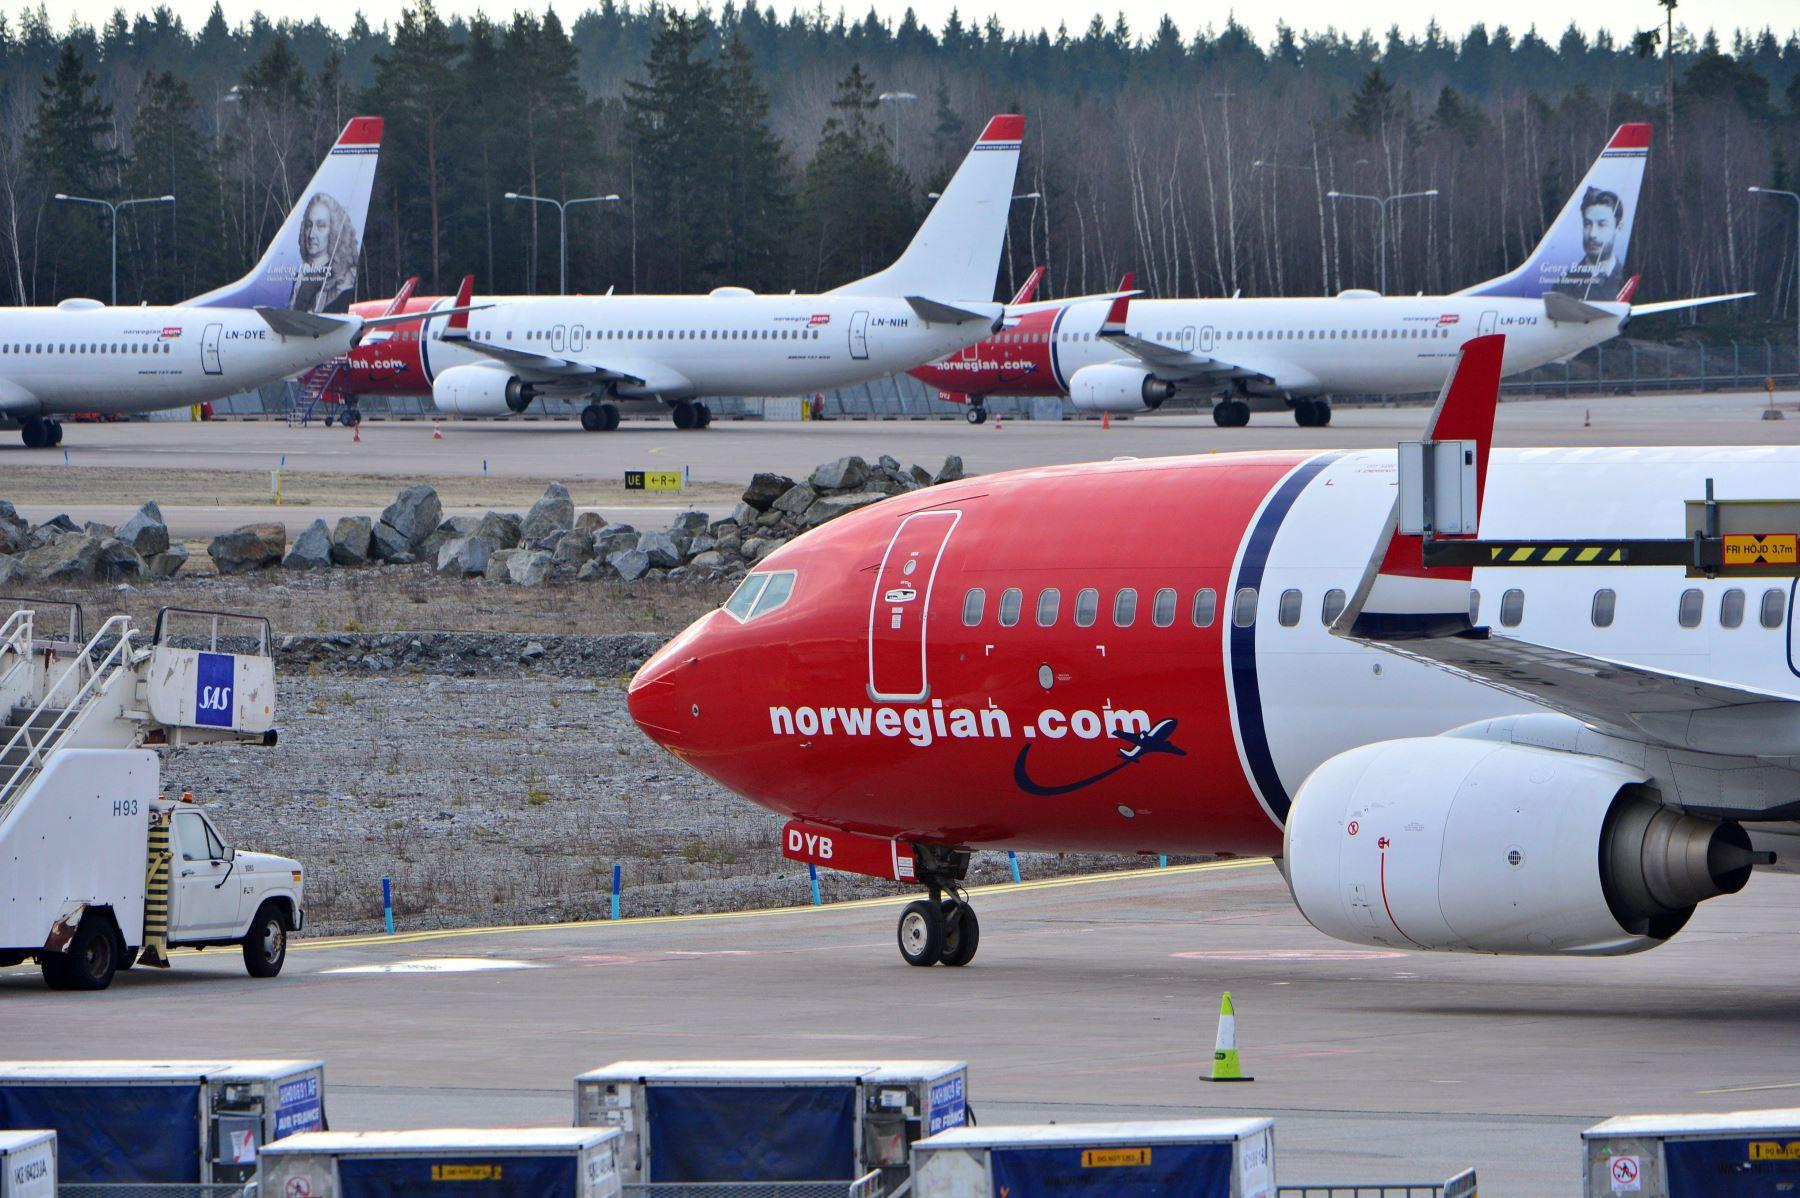 Aviones Boeing 737-800 de Norwegian Airlines permanecen aparcados en el aeropuerto de Arlanda en Estocolmo (Suecia) el 5 de marzo de 2019. Foto: EFE